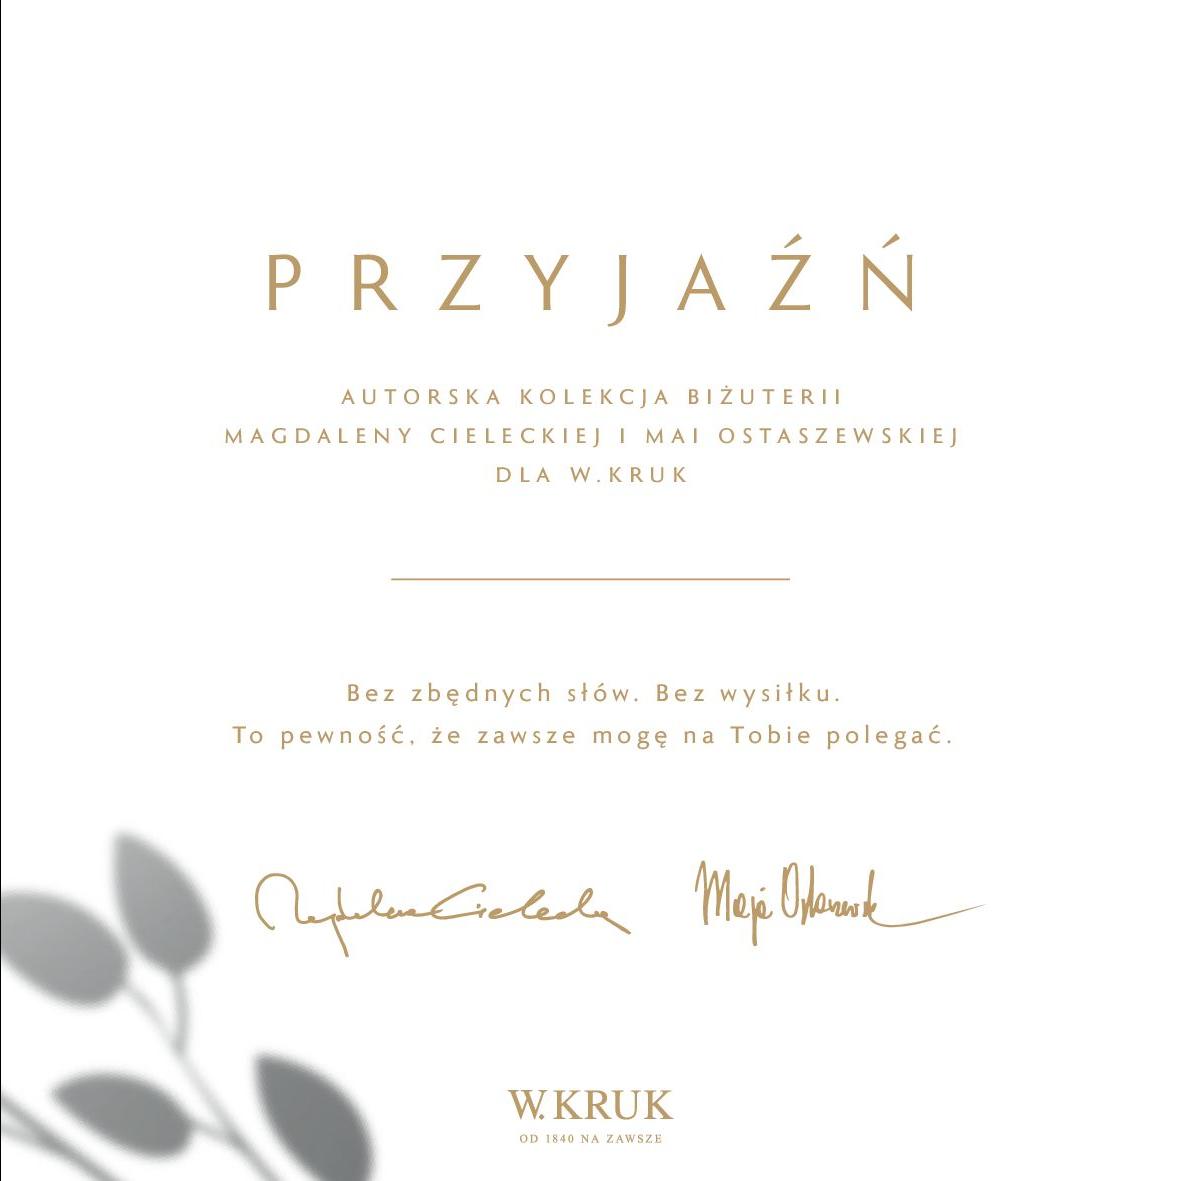 Gazetka W. KRUK: Katalog - Kolekcja Przyjaźń 2021-02-17 page-3